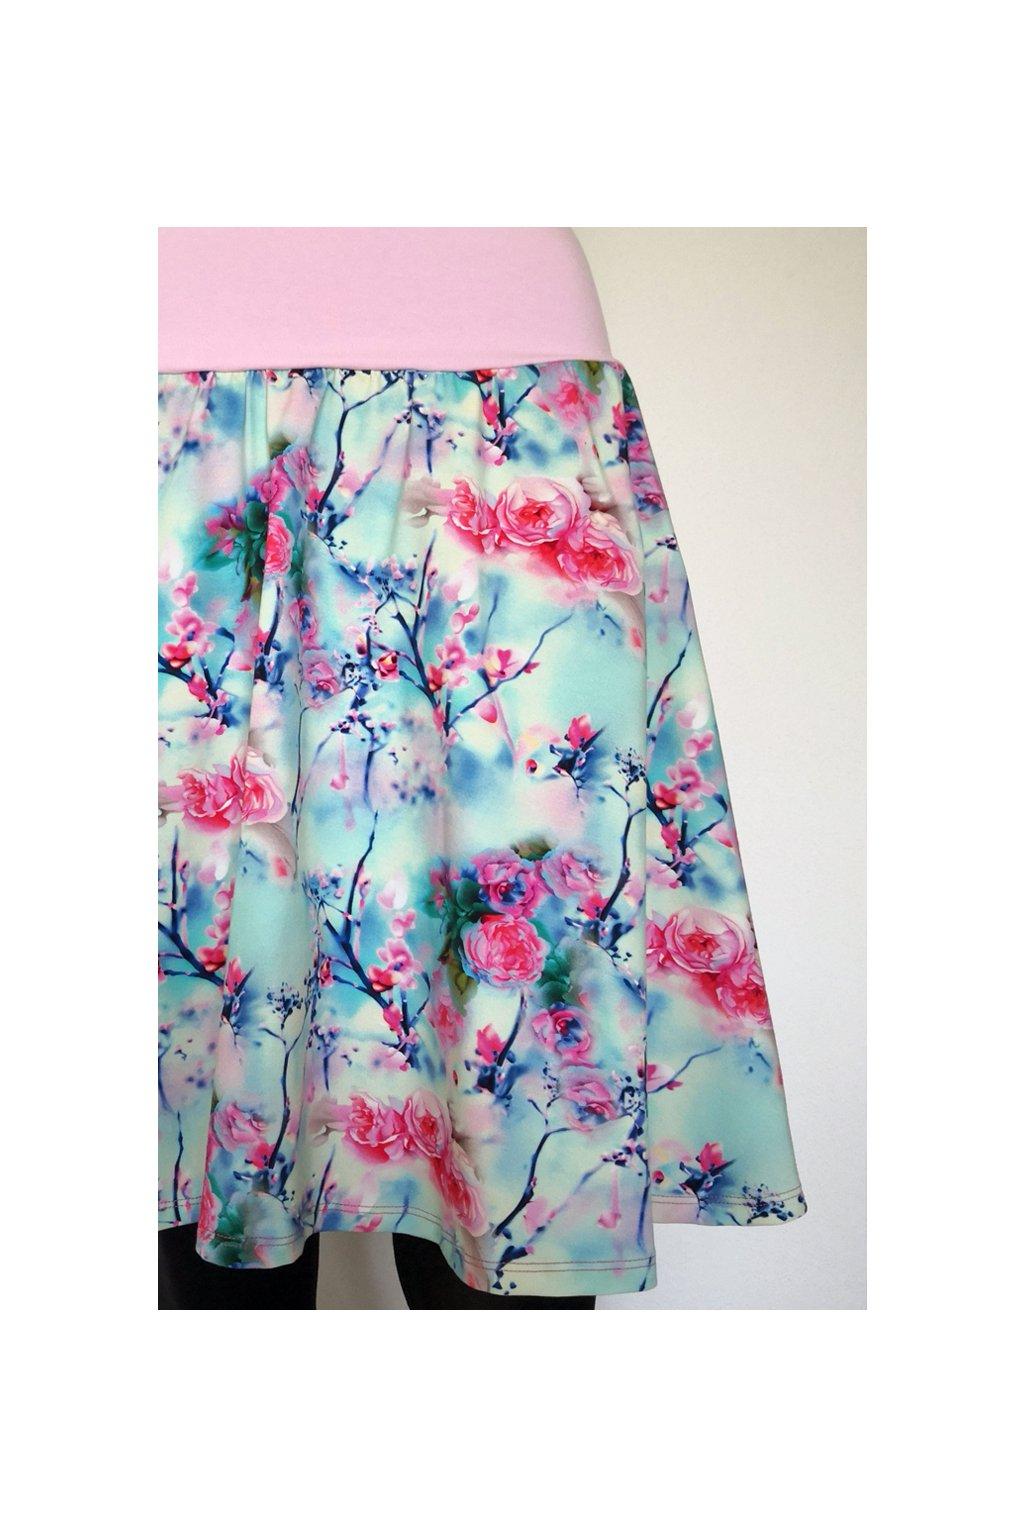 Půlkolová sukně Růžičky | úplet